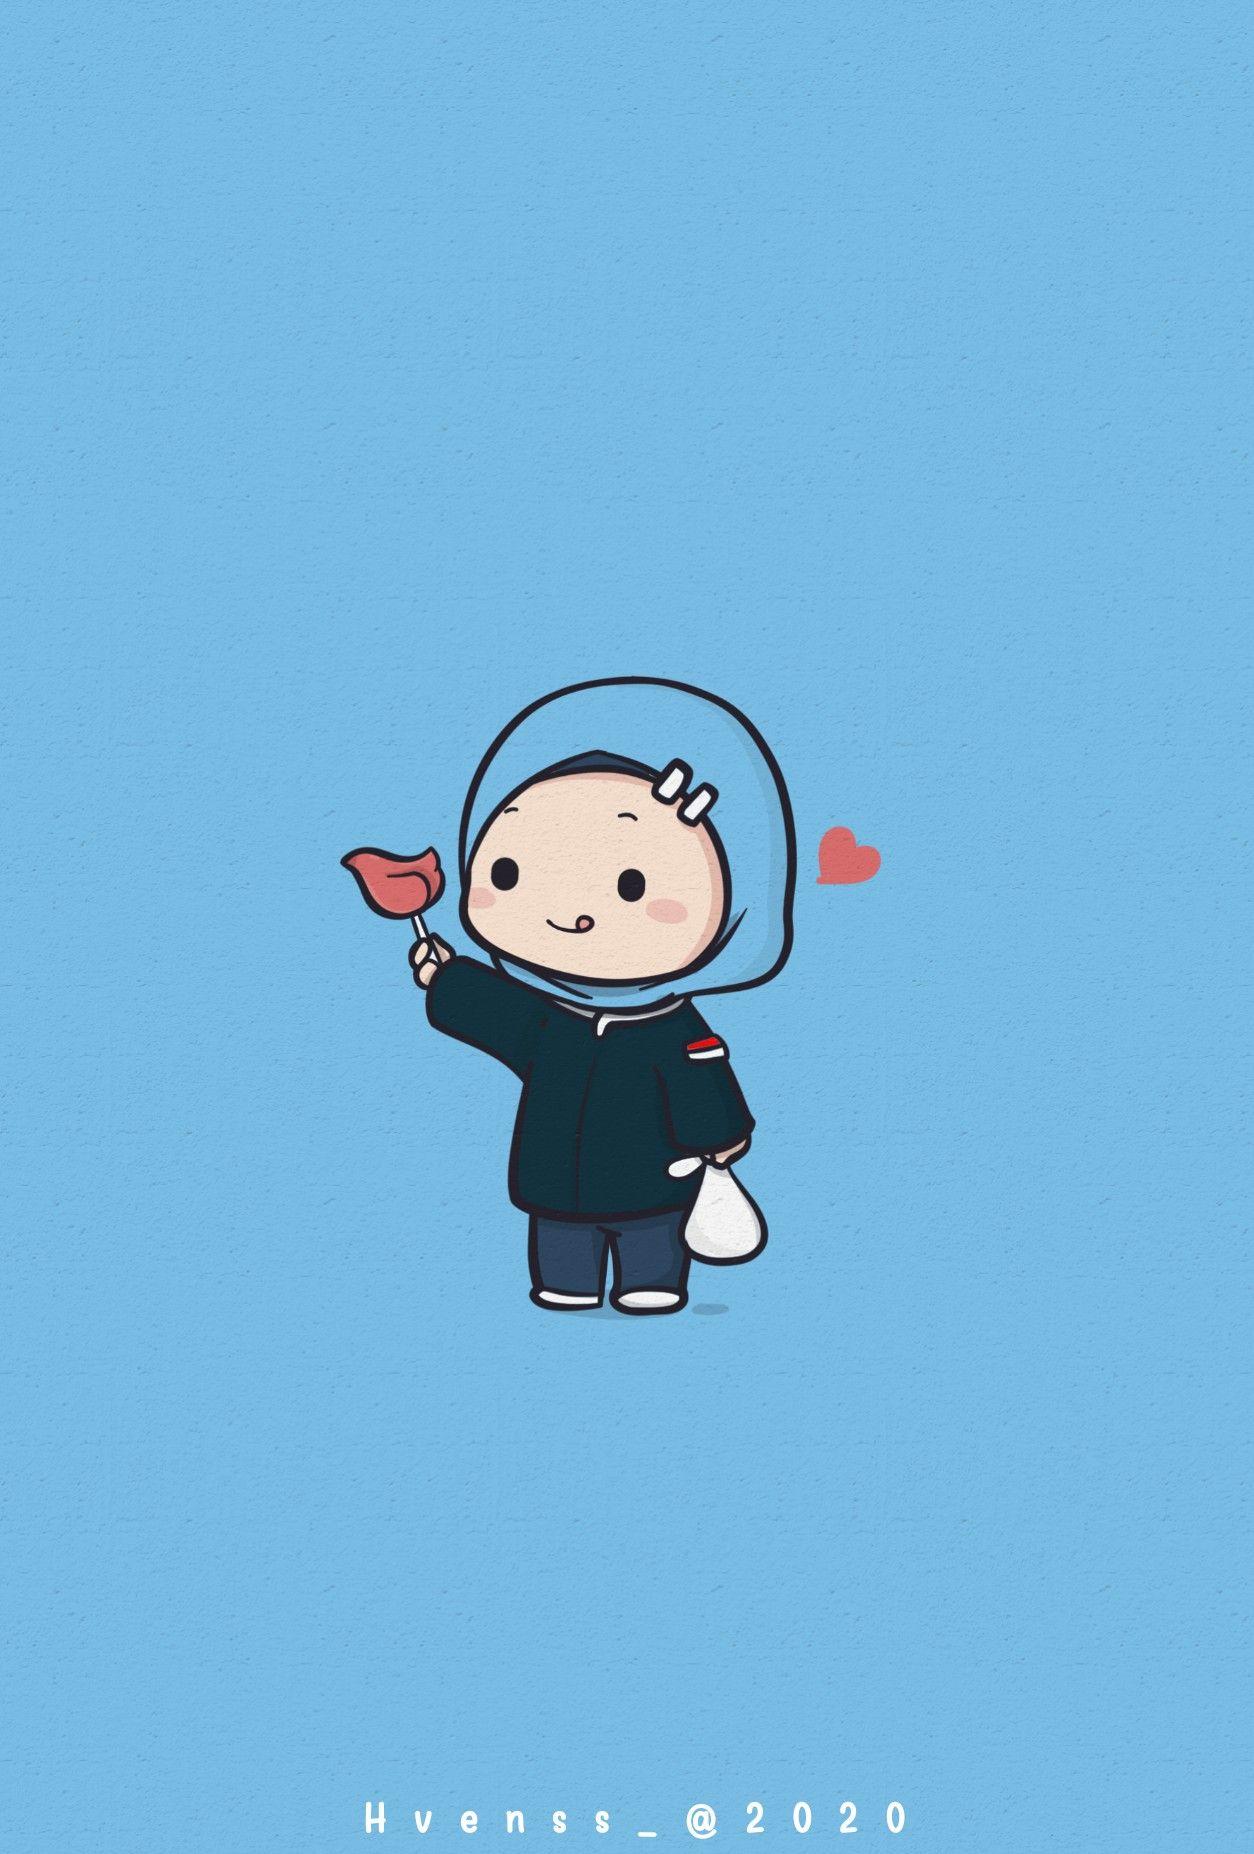 Permen Mau Kartun Muslimah Wallpaper Kartun Lucu Kartun Ilustrasi Karakter